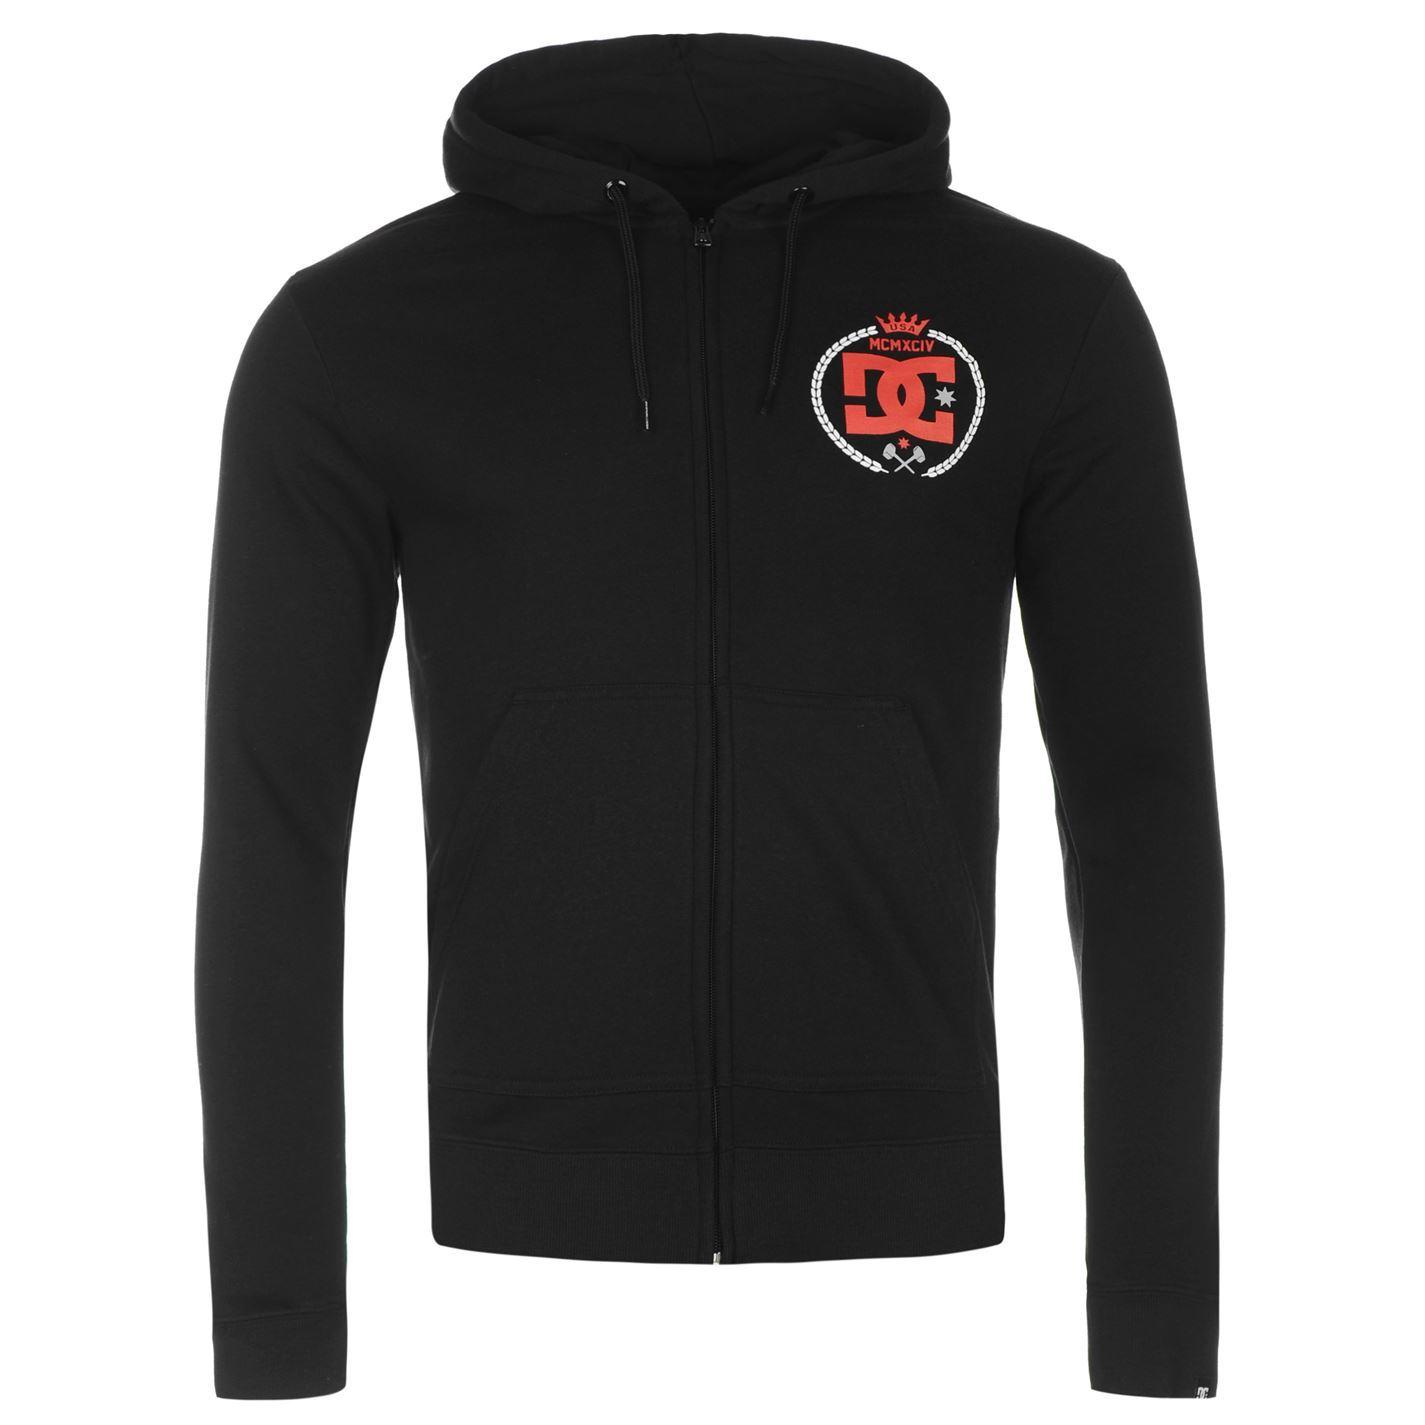 DC-Shoe-Co-Sledge-Full-Zip-Hoody-Jacket-Mens-Hoodie-Sweatshirt-Sweater-Top thumbnail 4